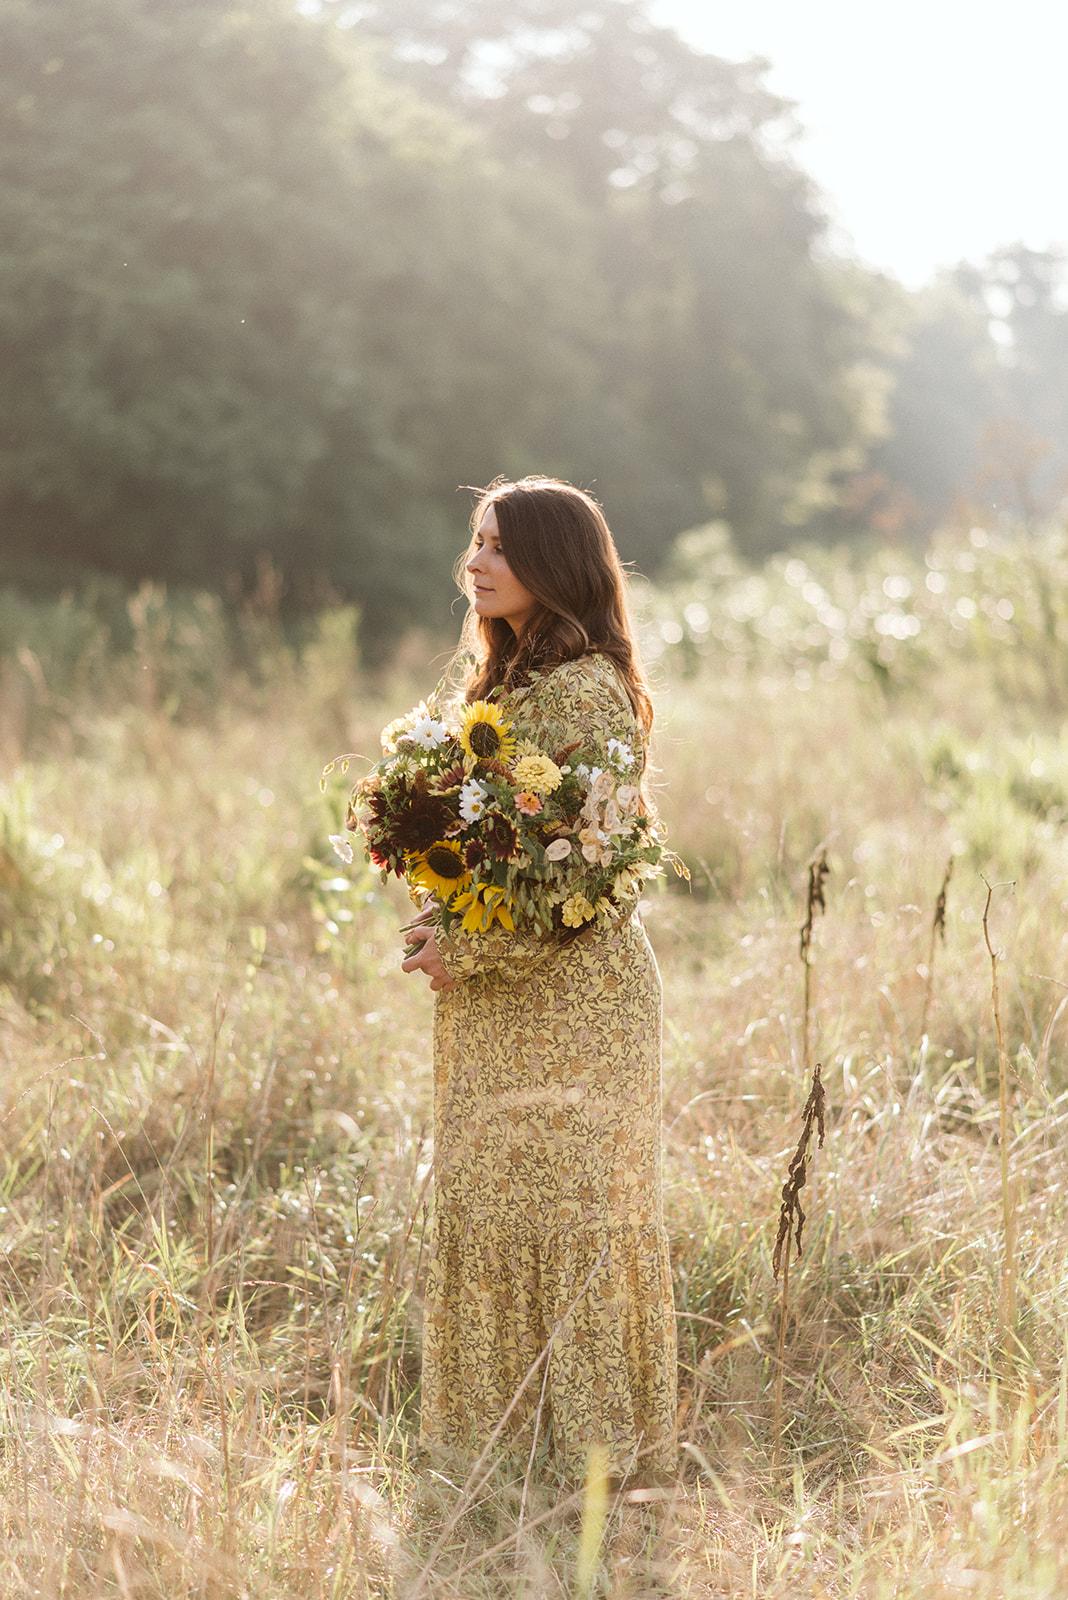 Hemlock_Hellebore_Sunflowers-3.jpg